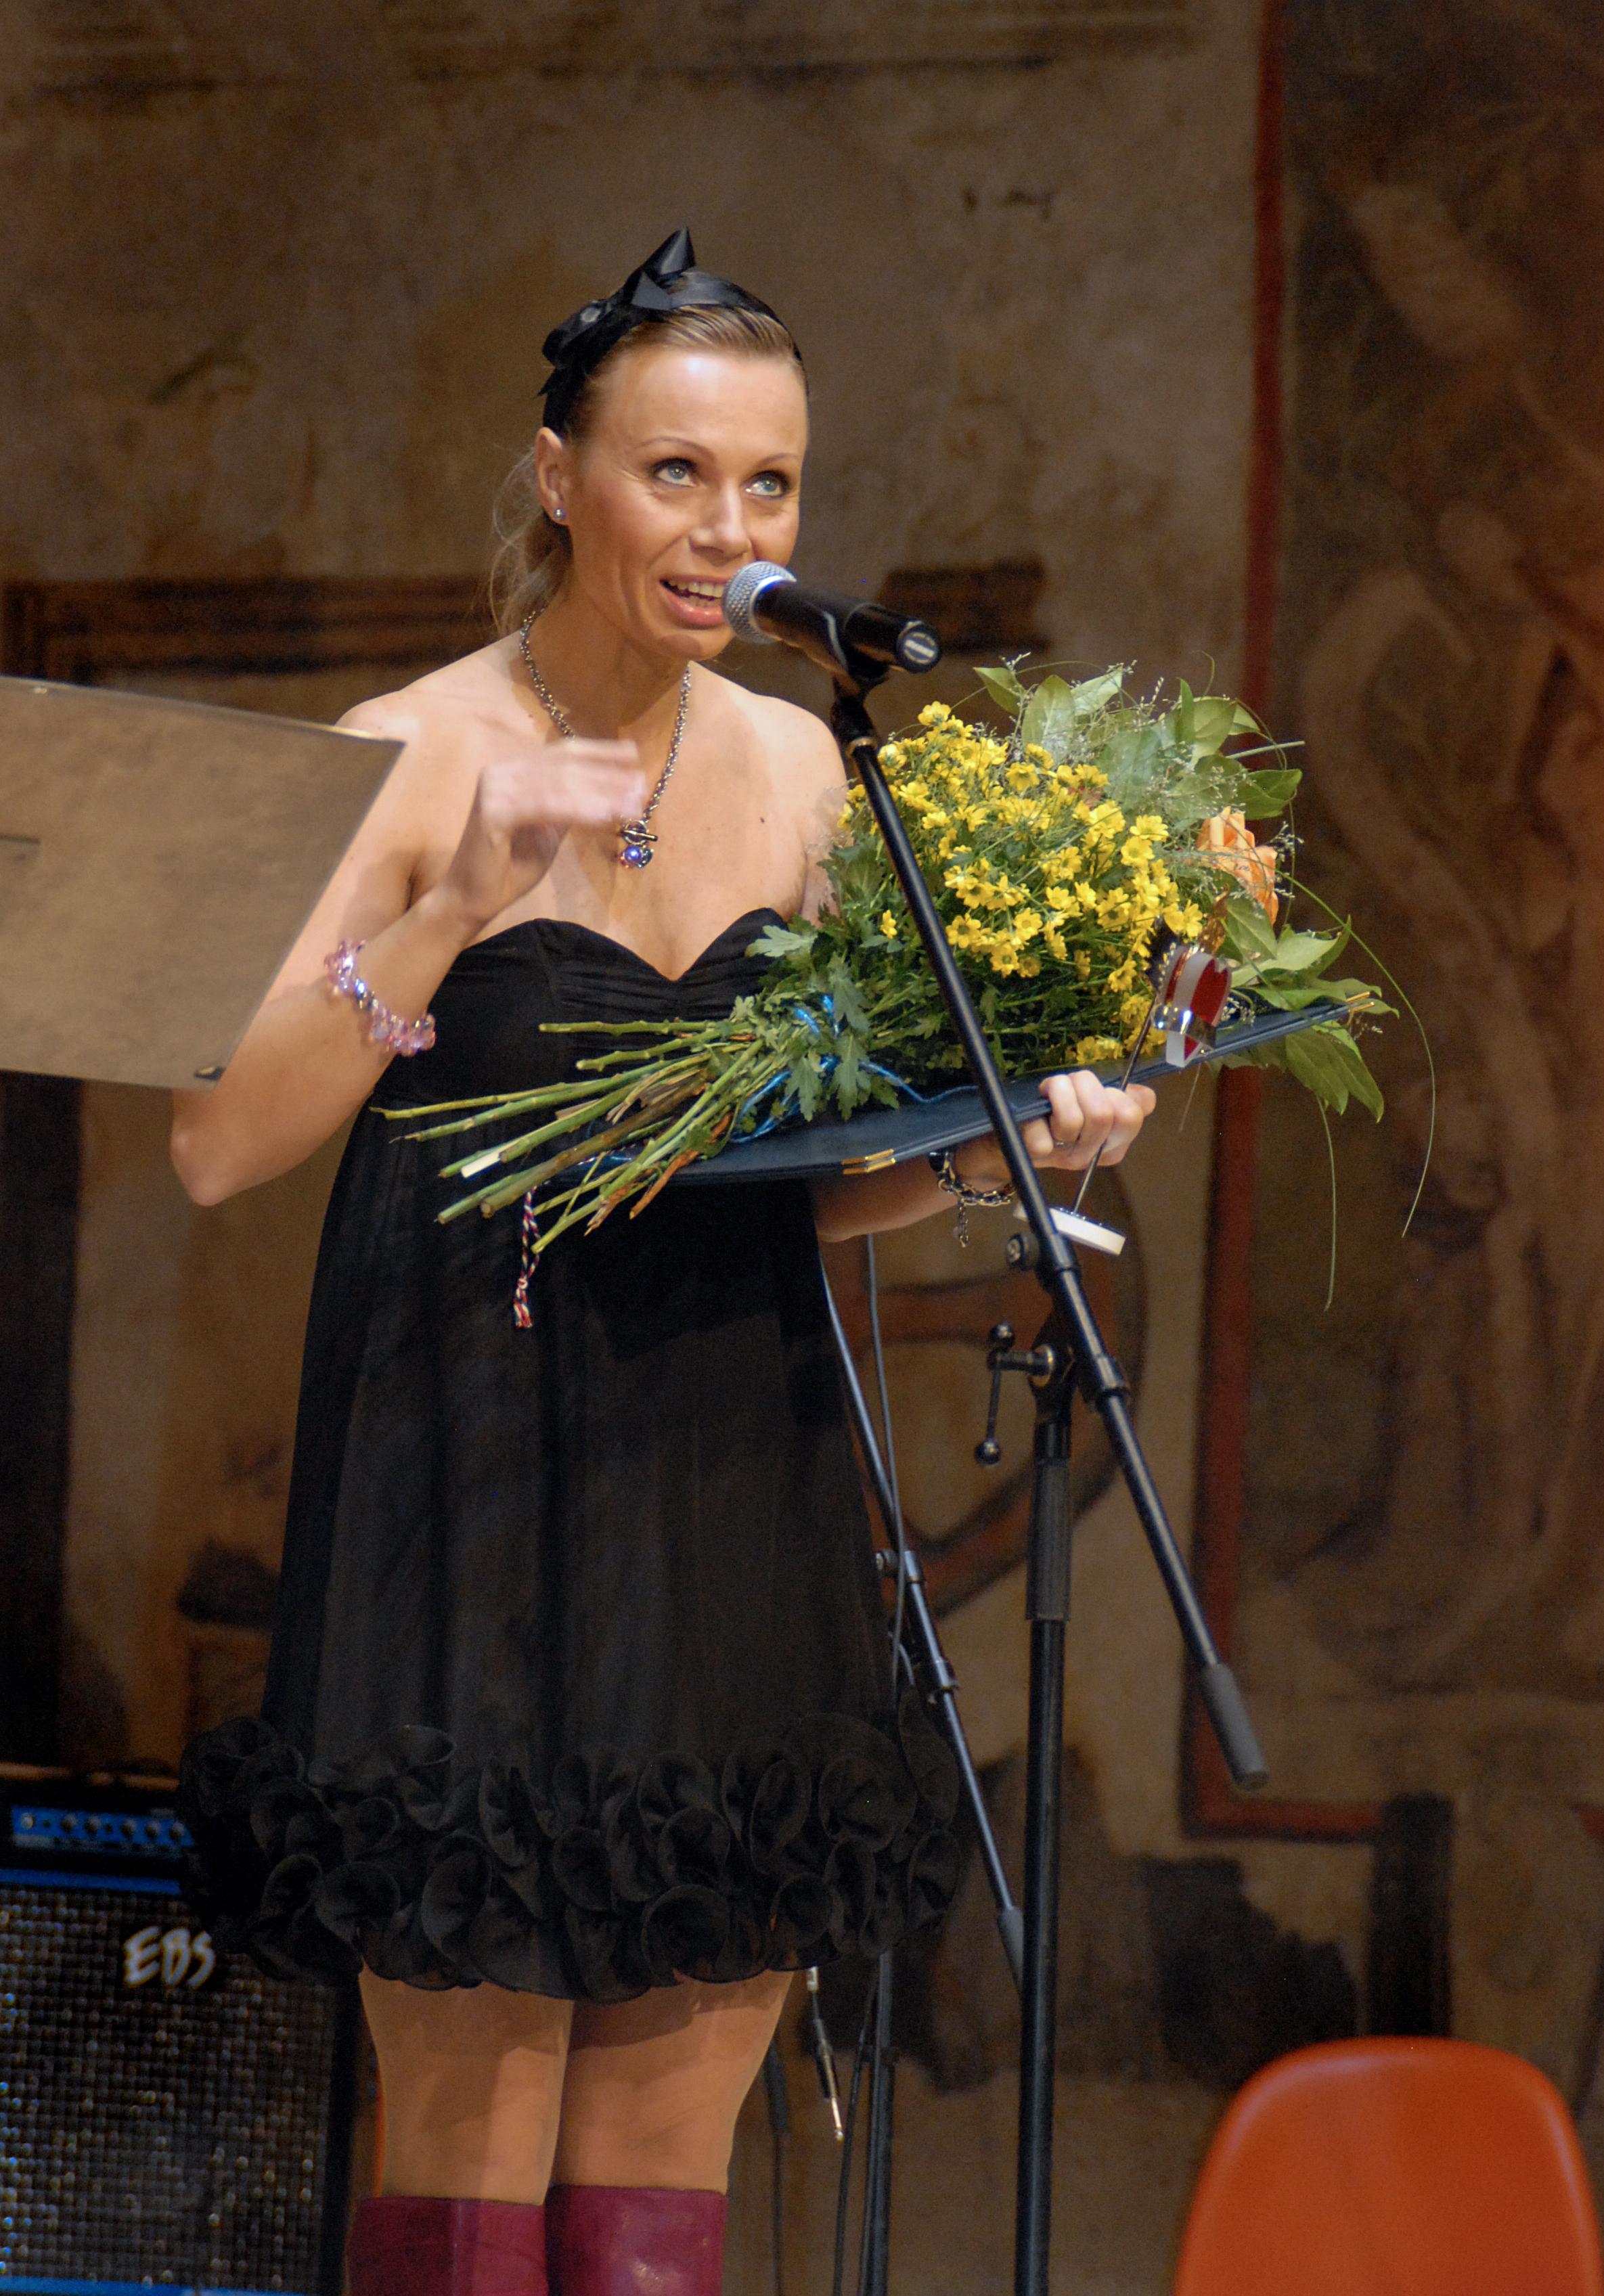 Ředitelka MŠ a ZŠ Svitavy-Lačnov, Radka Renzová, převzala cenu za jásotu dětí, které přijely ze Svitav.